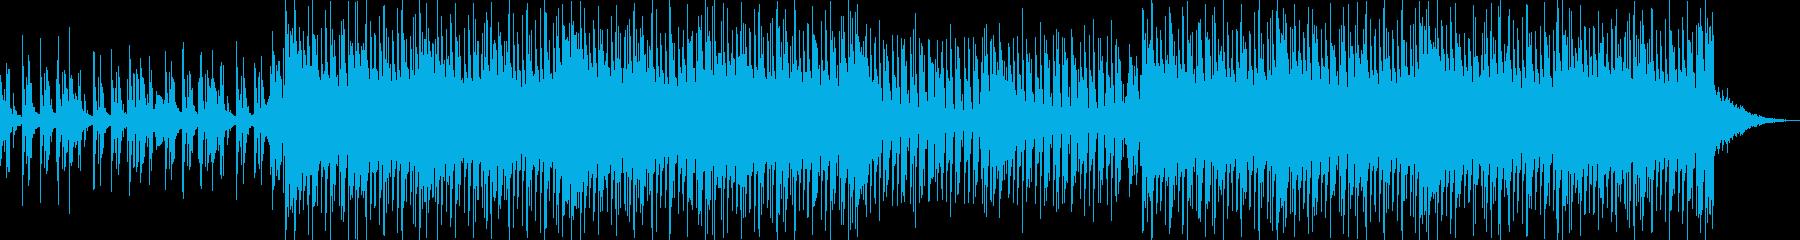 ニュース番組 TV用 ハウスの再生済みの波形